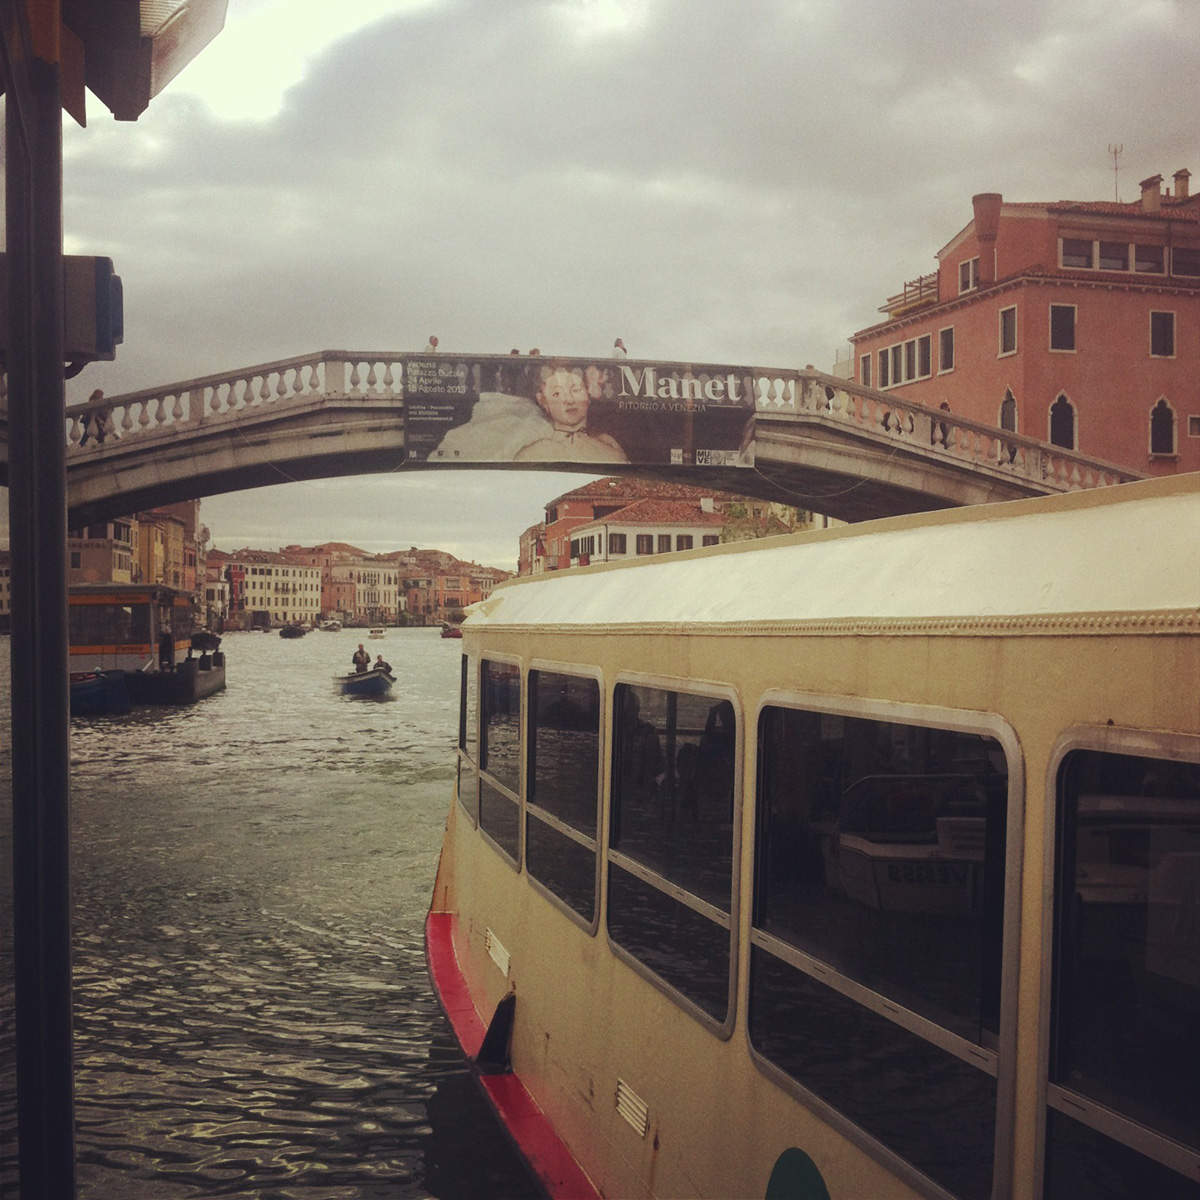 ManetRitorno-a-Venezia-004